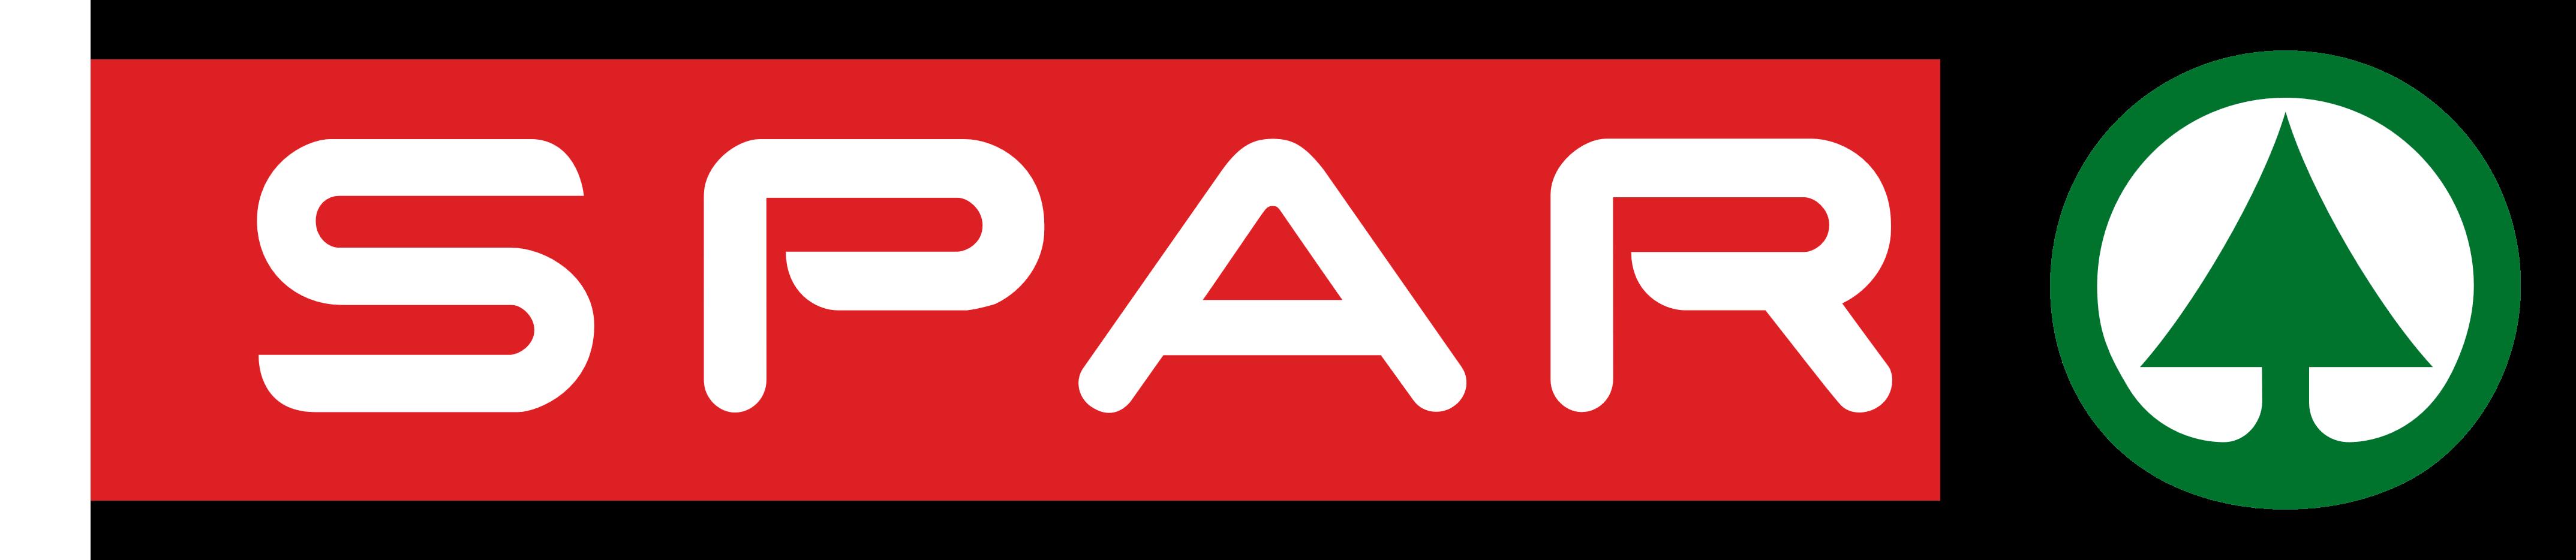 Image result for spar norway logo